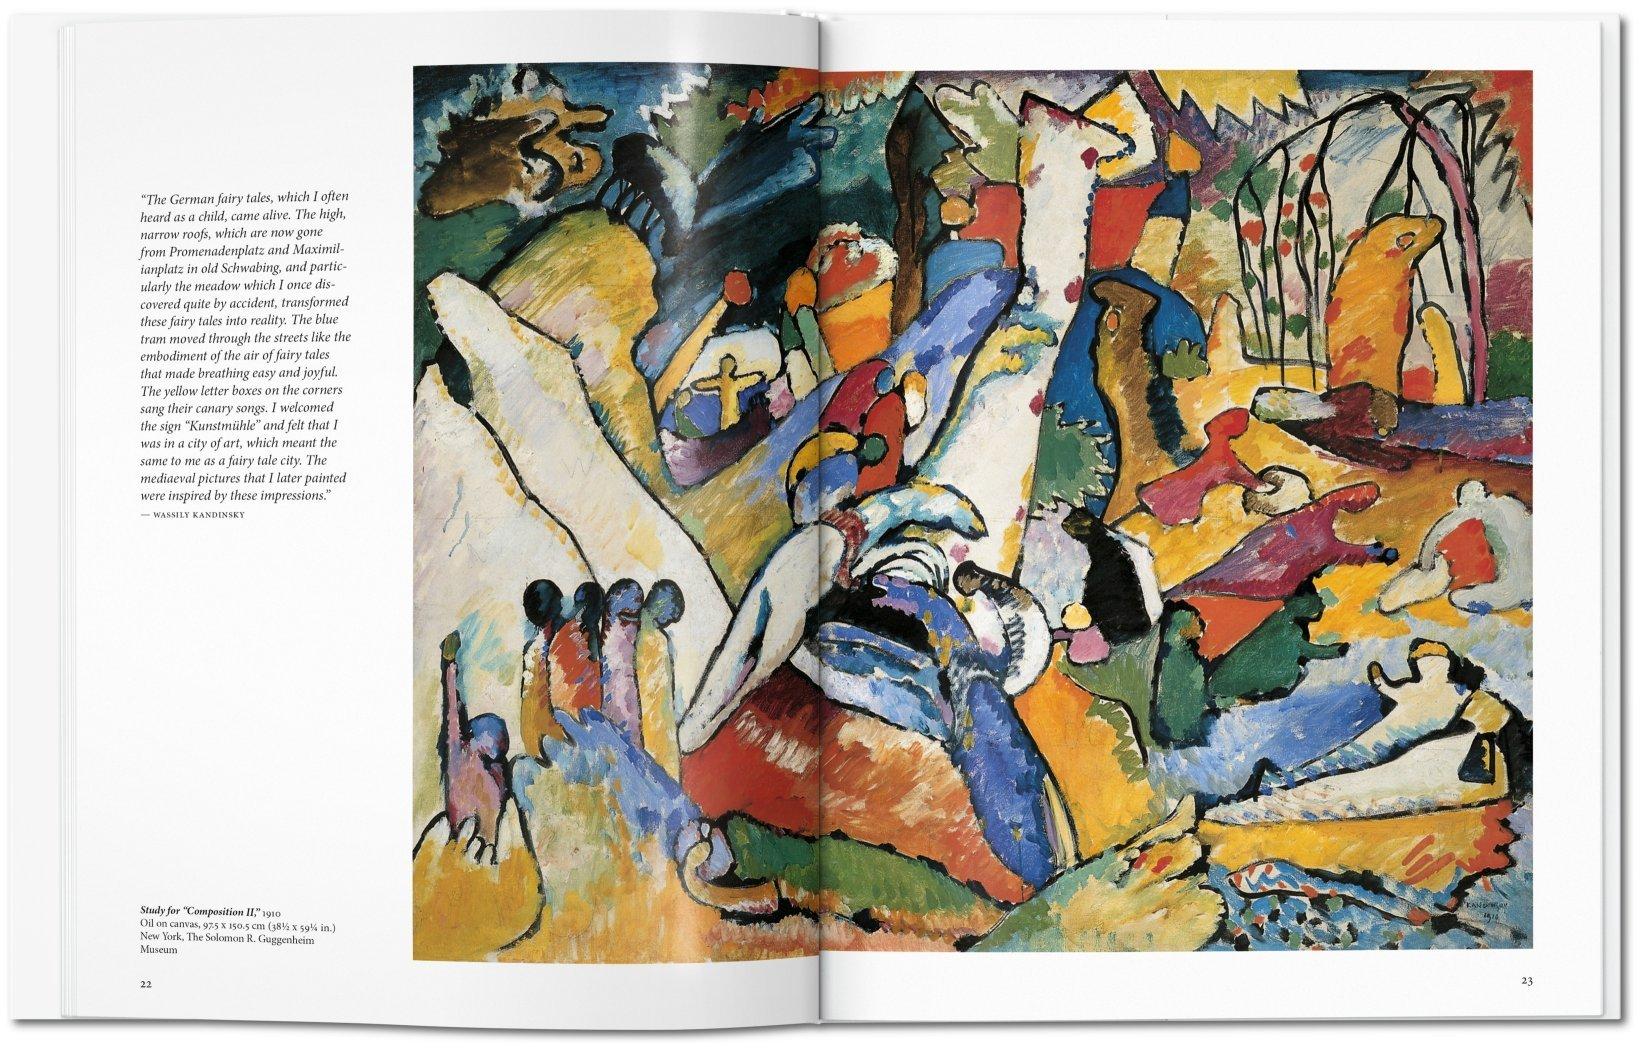 art kandinsky taschen basic art series